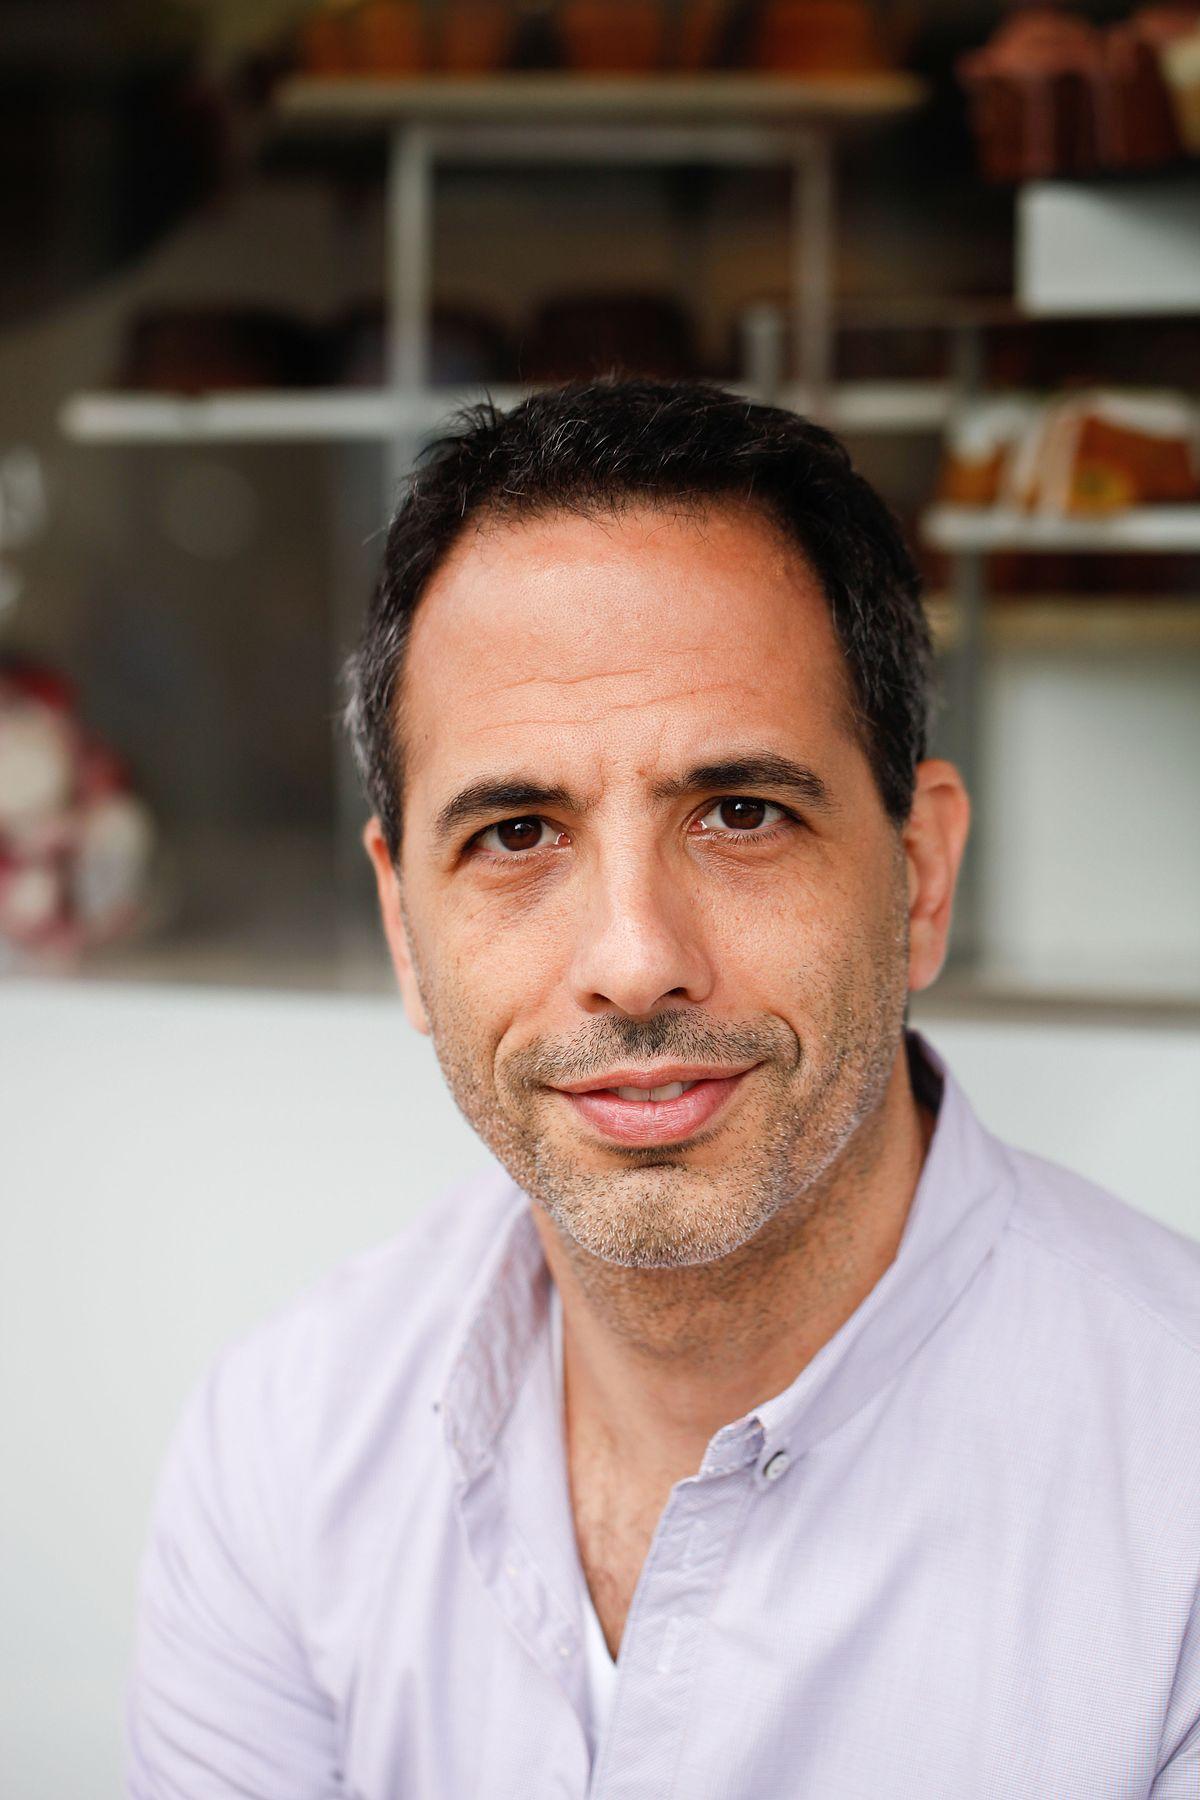 Portrait de Yotam Ottolenghi. Photo de Yotam Ottolenghi